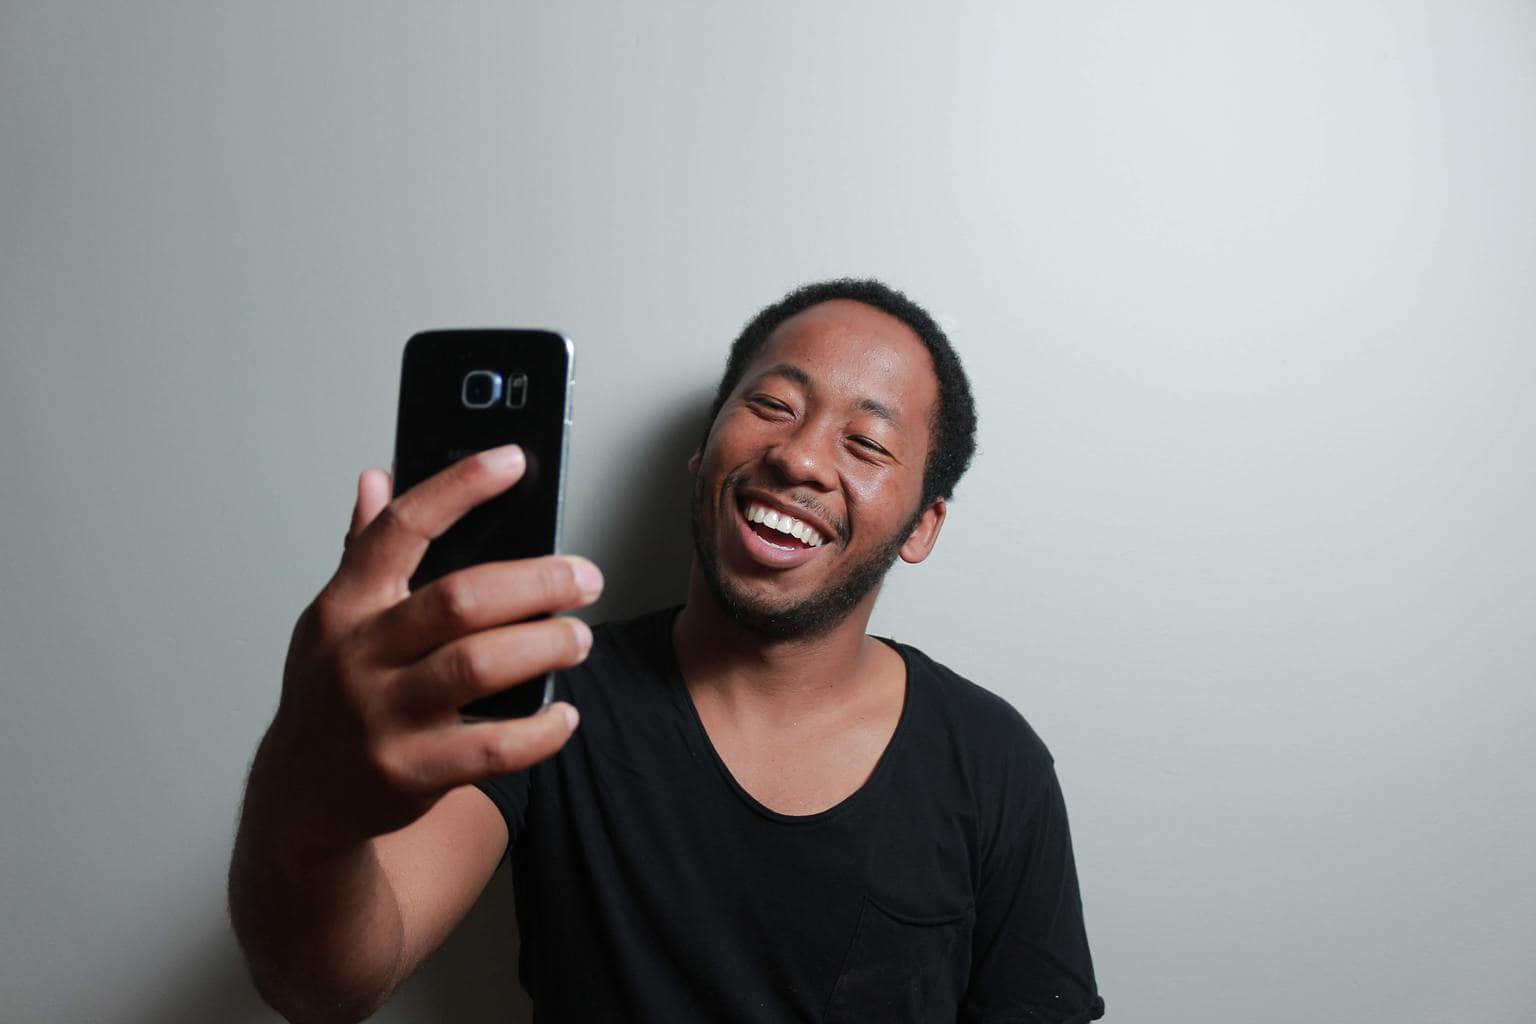 chico haciéndose selfie